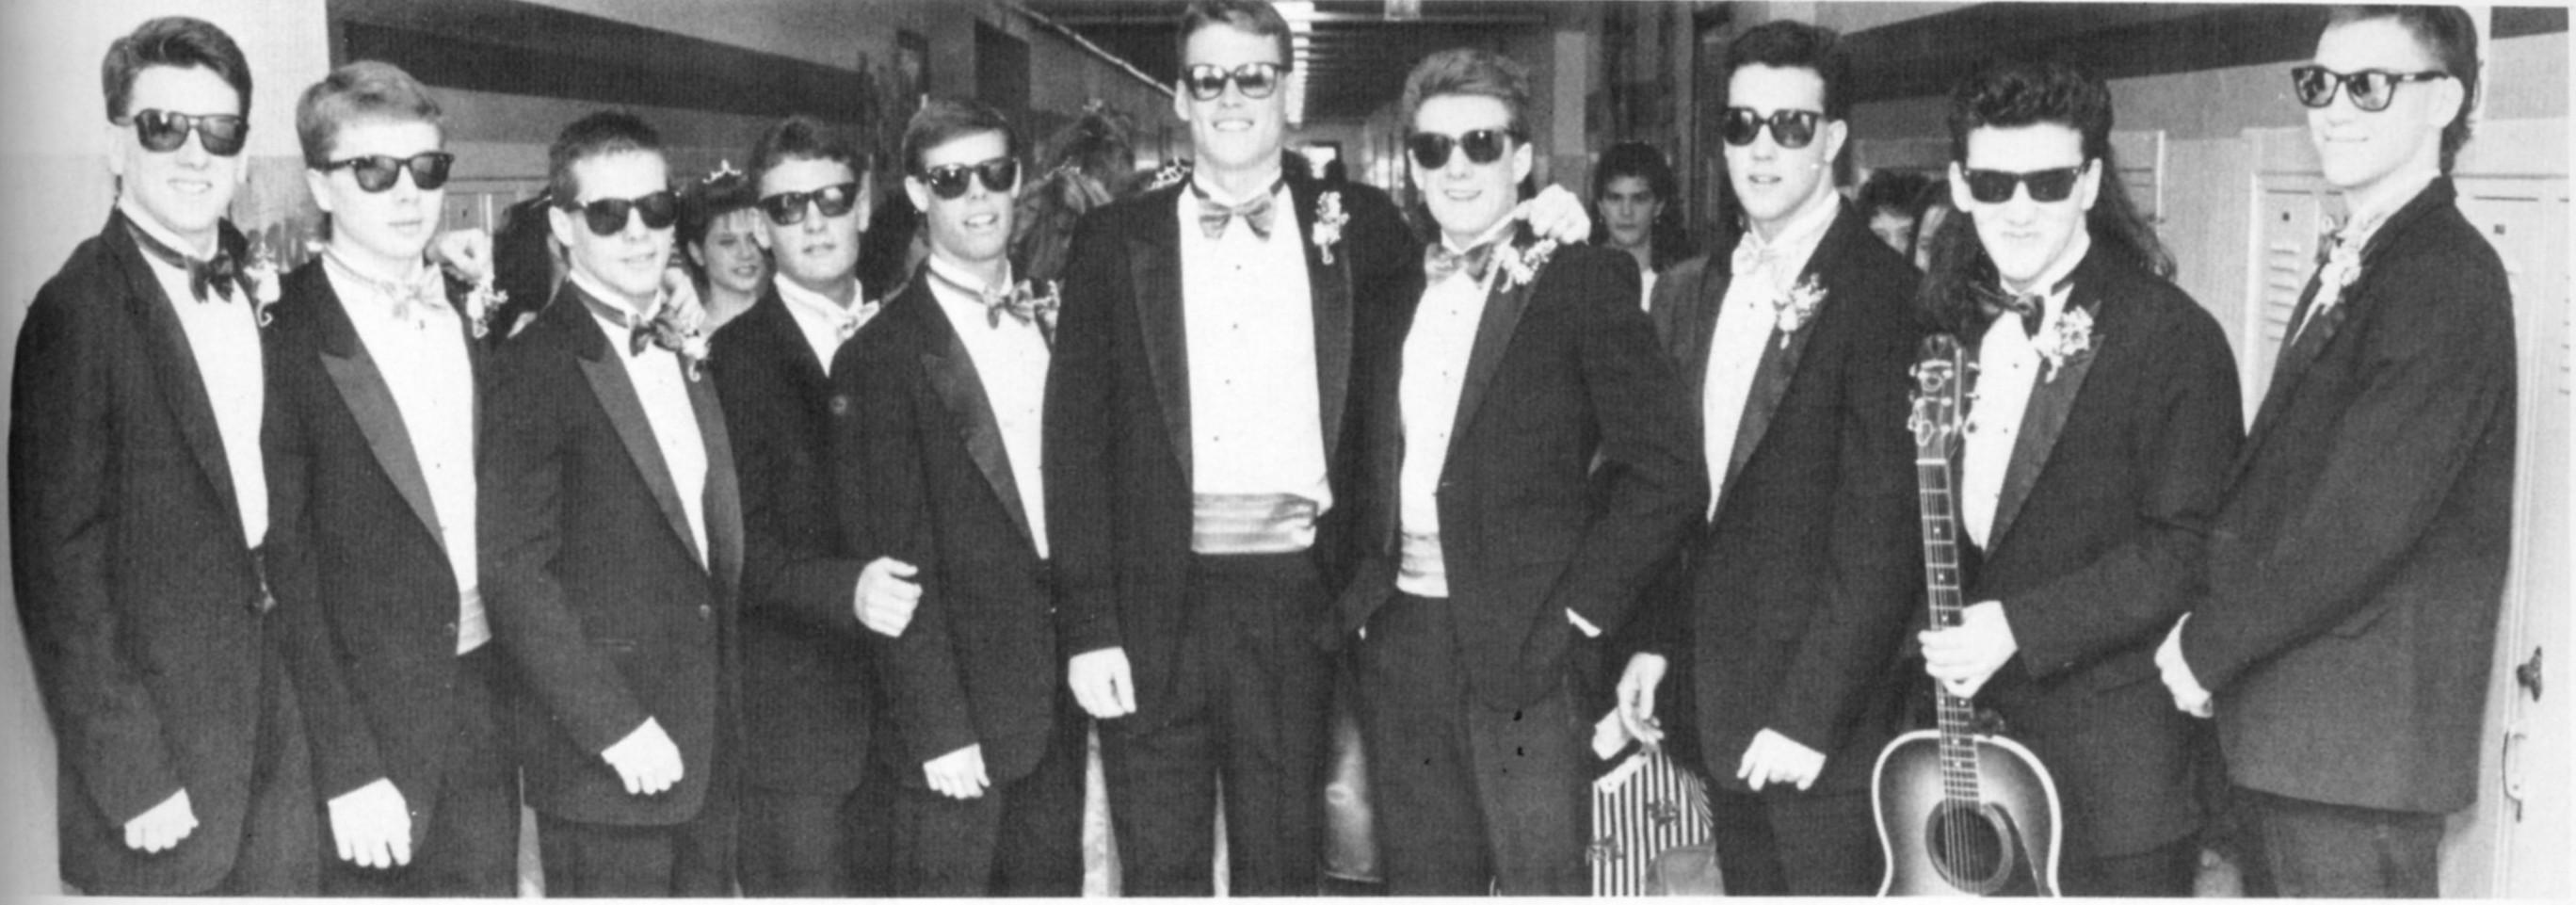 download ZAK München 1987: Band